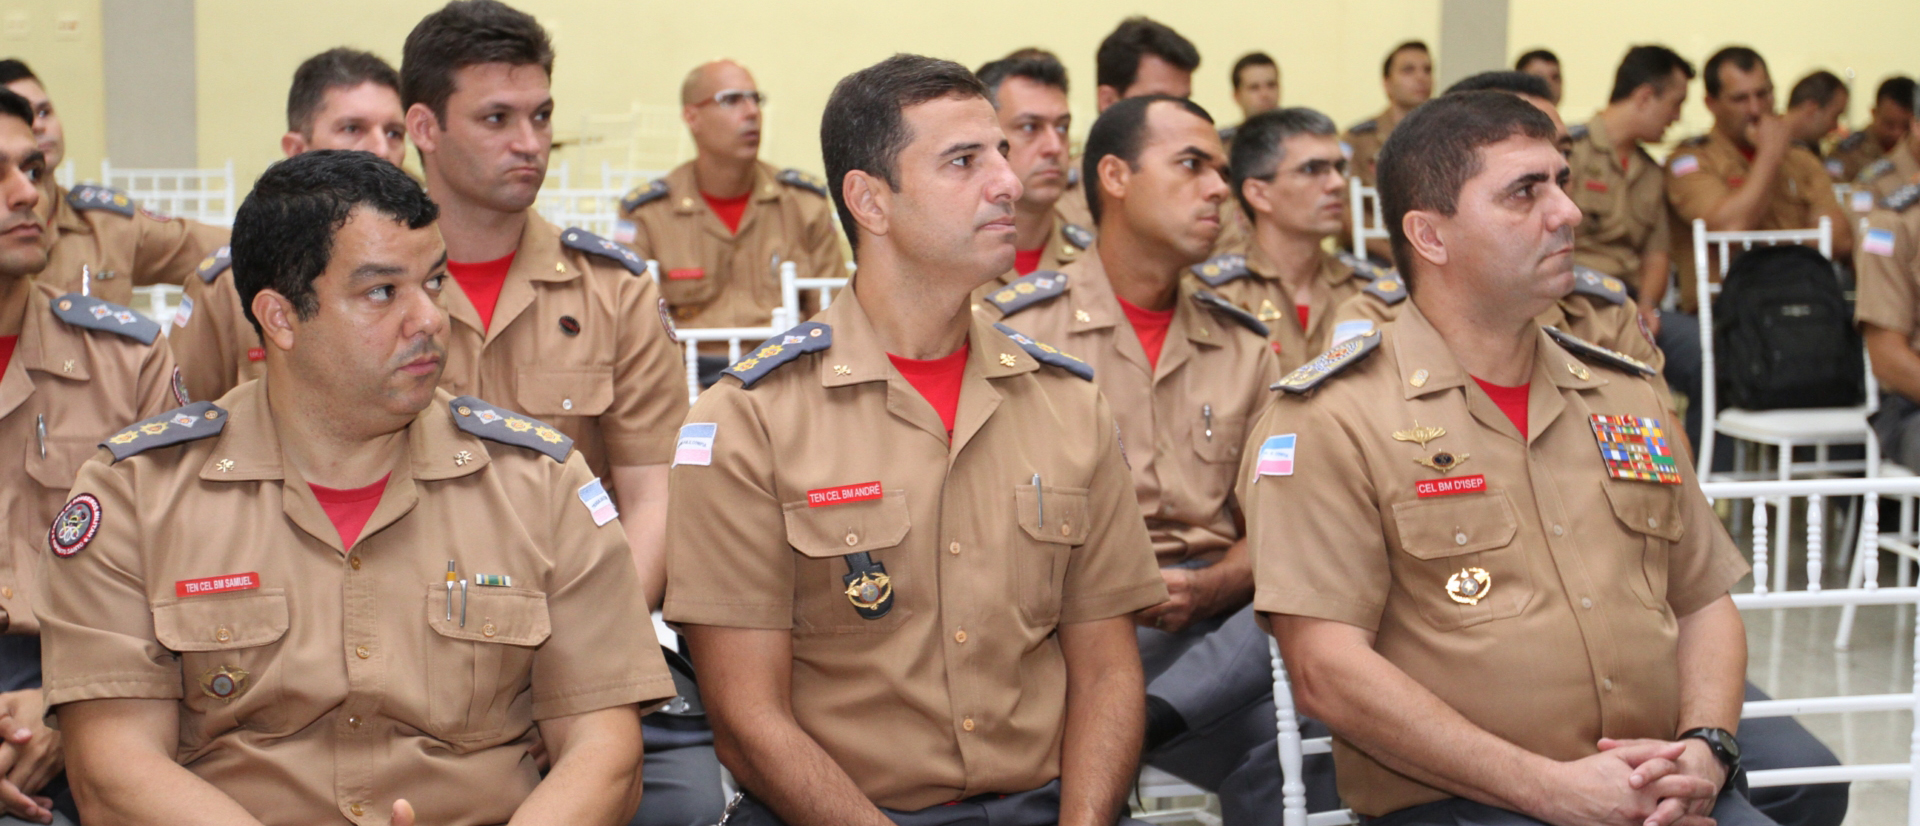 Cerimonial Aspomires é palco de Seminário do Corpo de Bombeiros Militar do Estado do Espírito Santo